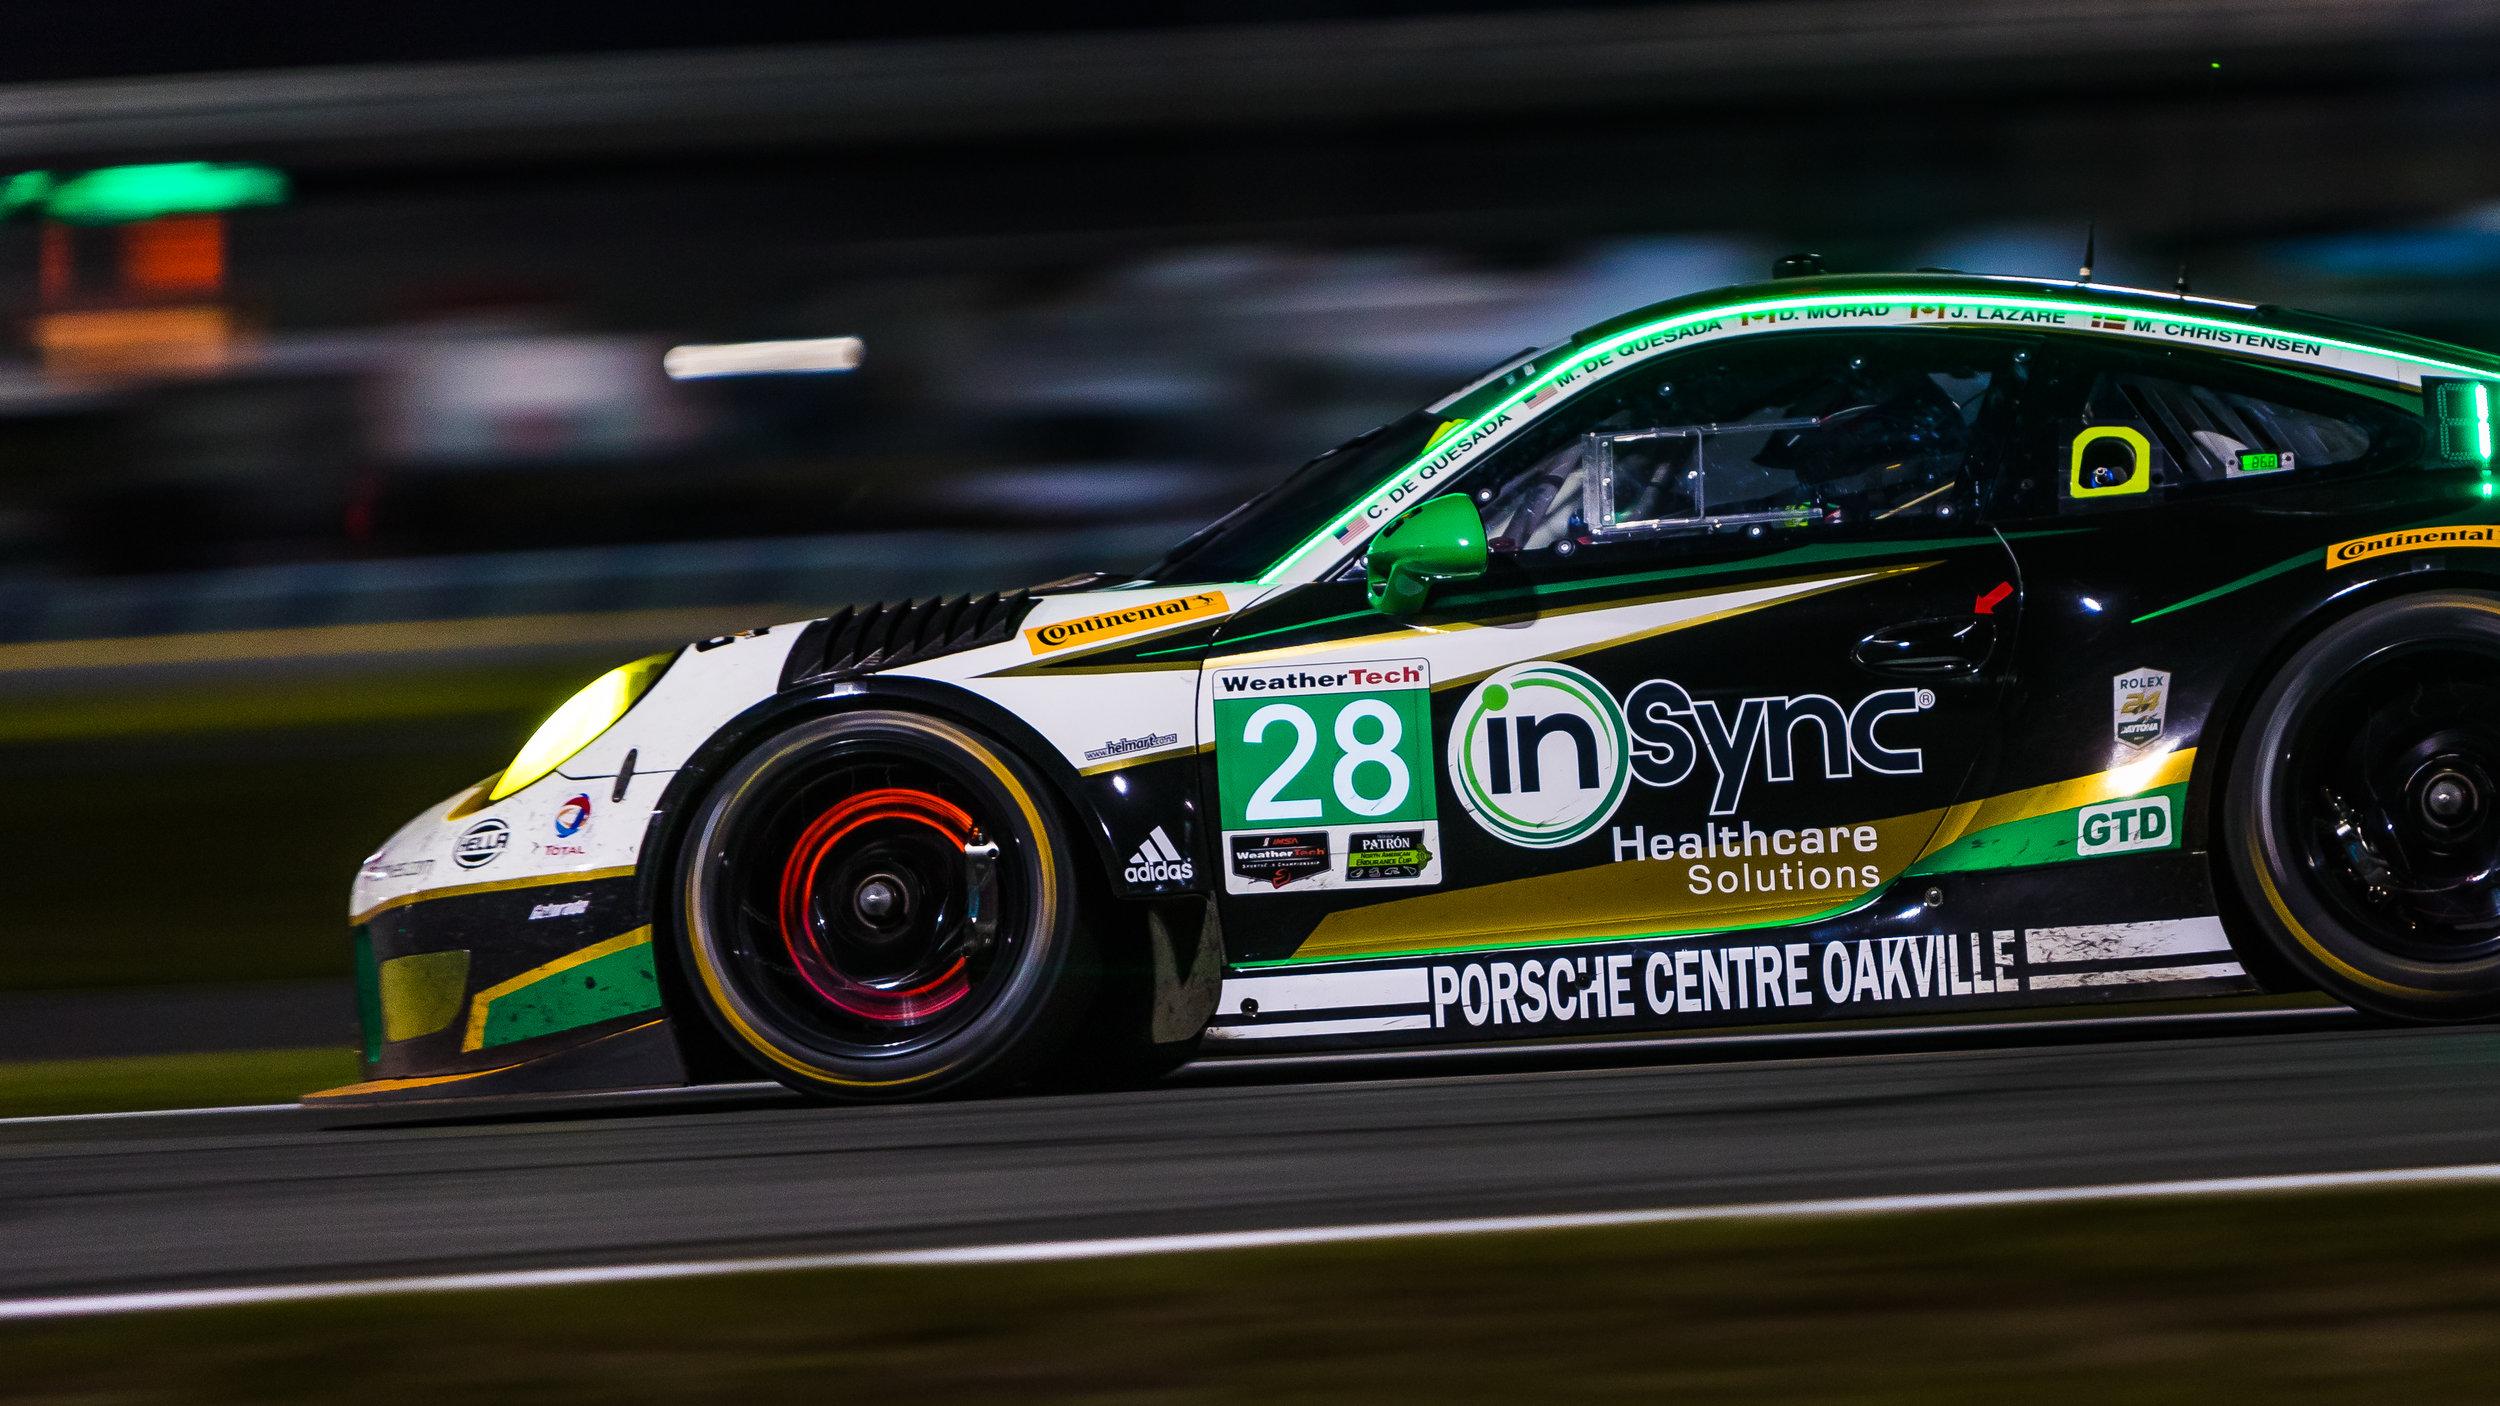 IMSA - Daytona 24 Hours 2017-2265.jpg